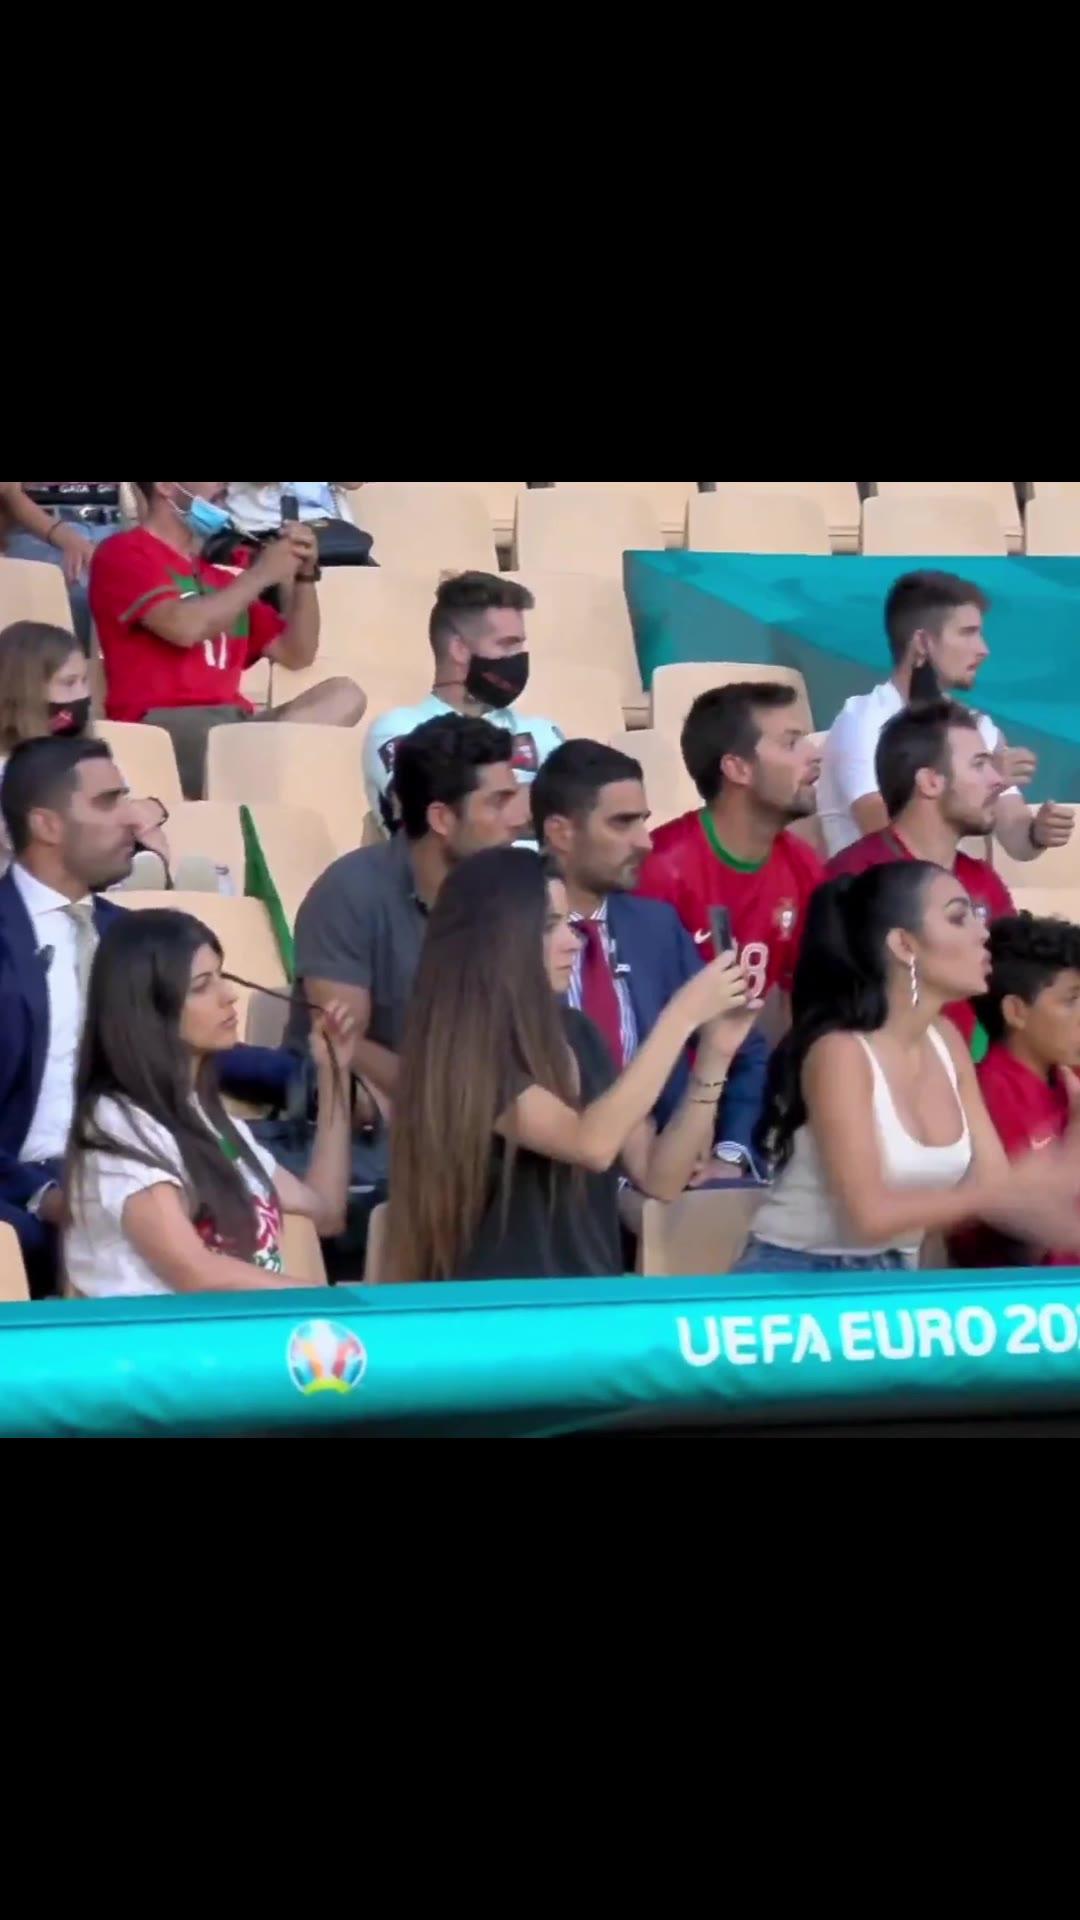 爱了!欧洲杯看台3位美女球迷